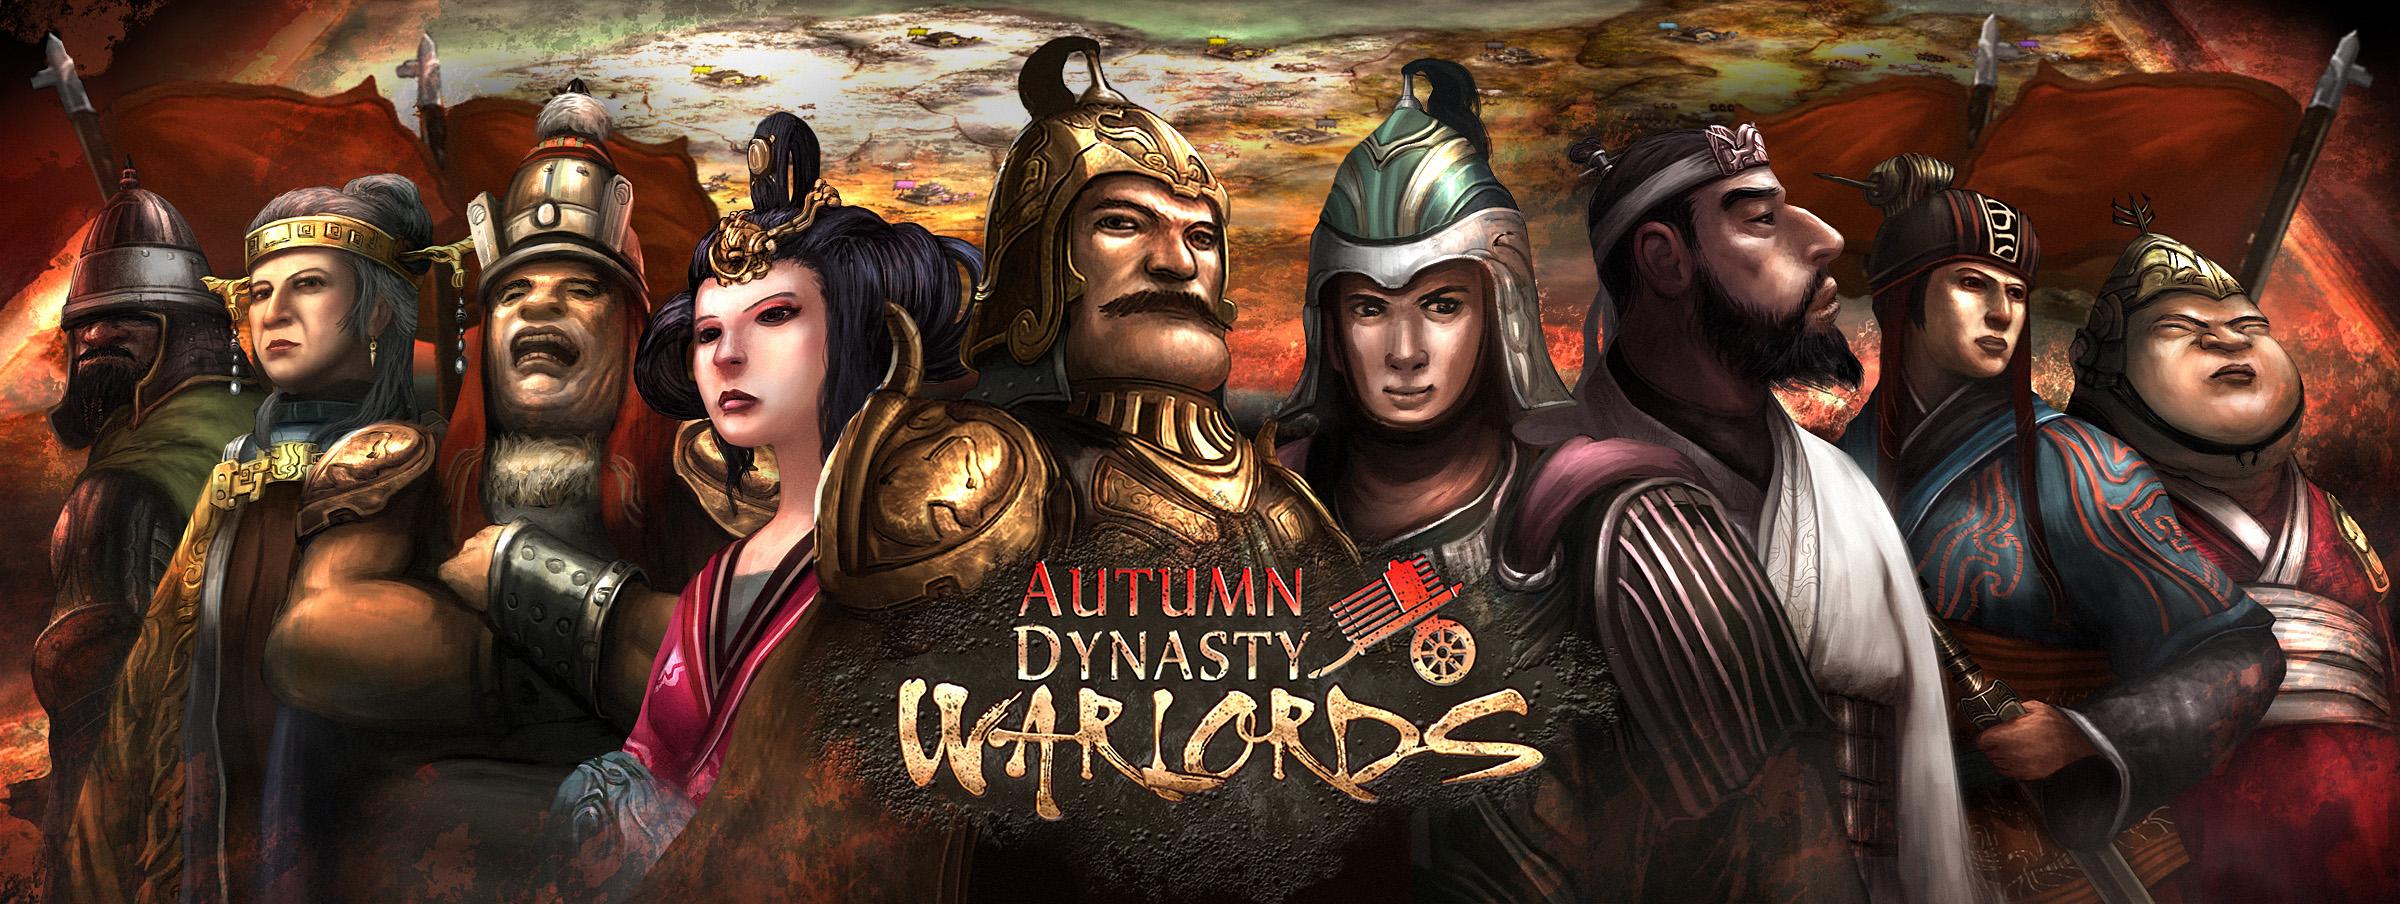 Autumn Dynasty Warlords - logo 2